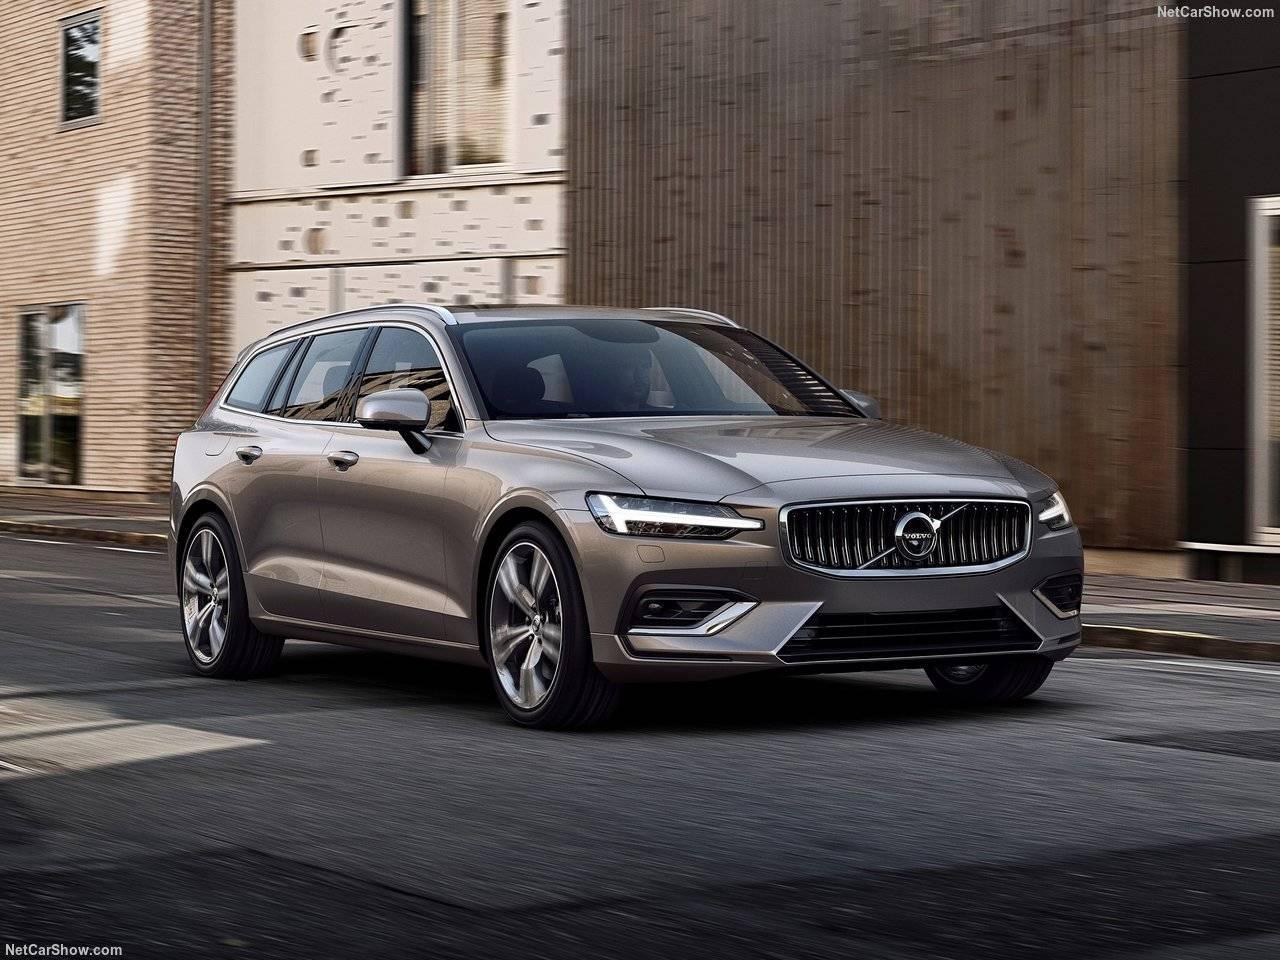 Volvo V60がモデルチェンジを発表!価格や発売時期を予想!さらにシックな仕上がりに!!!